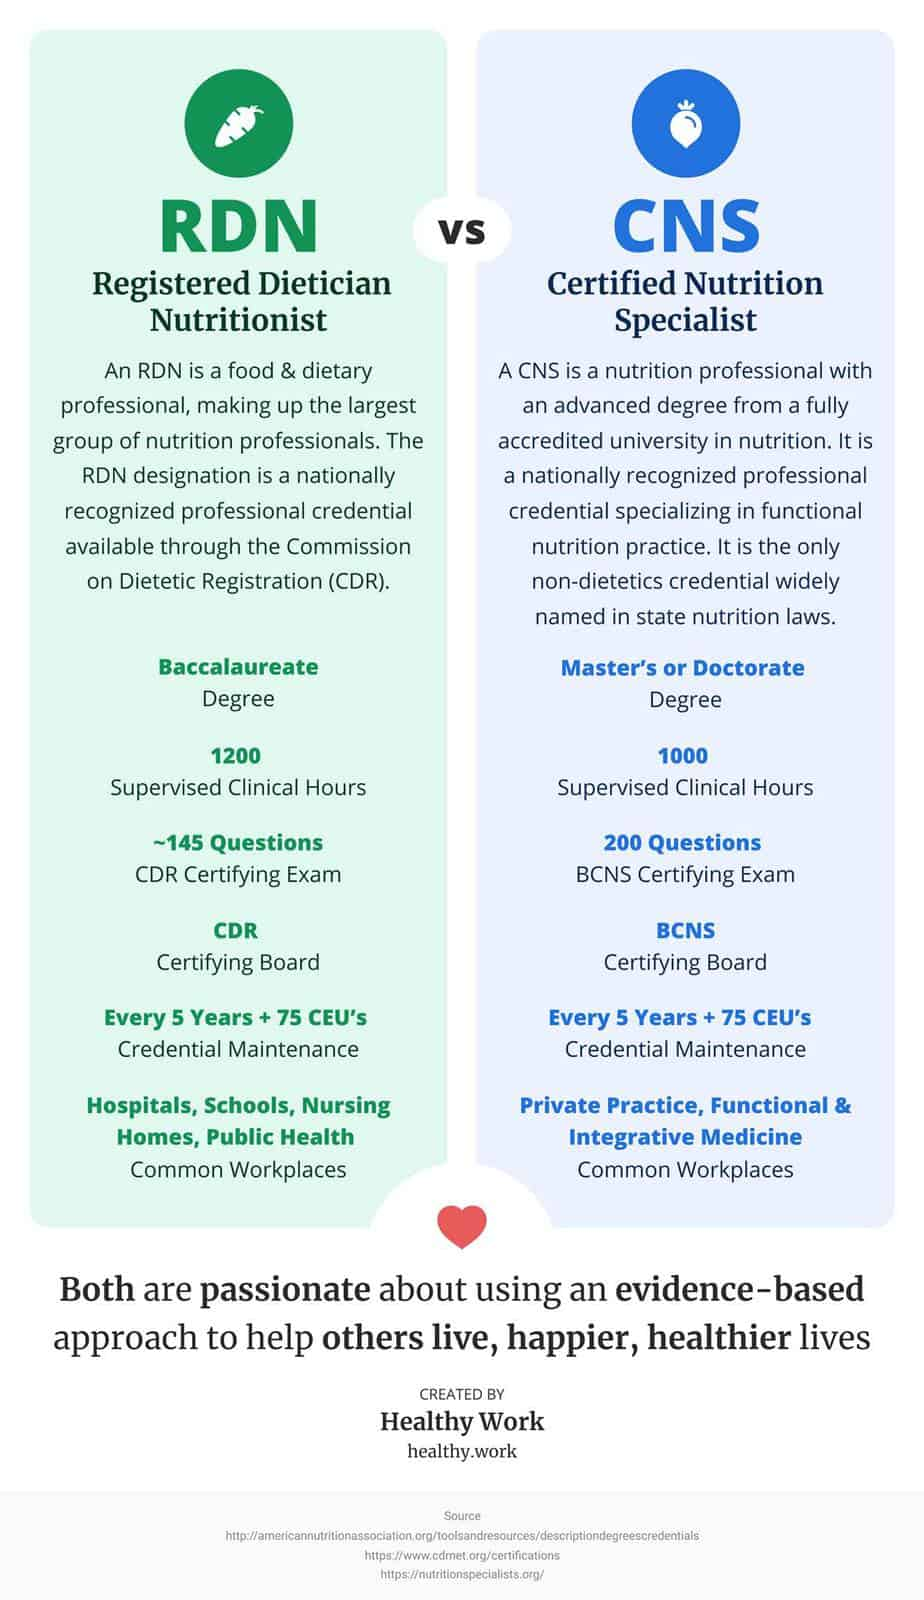 RDN vs CNS